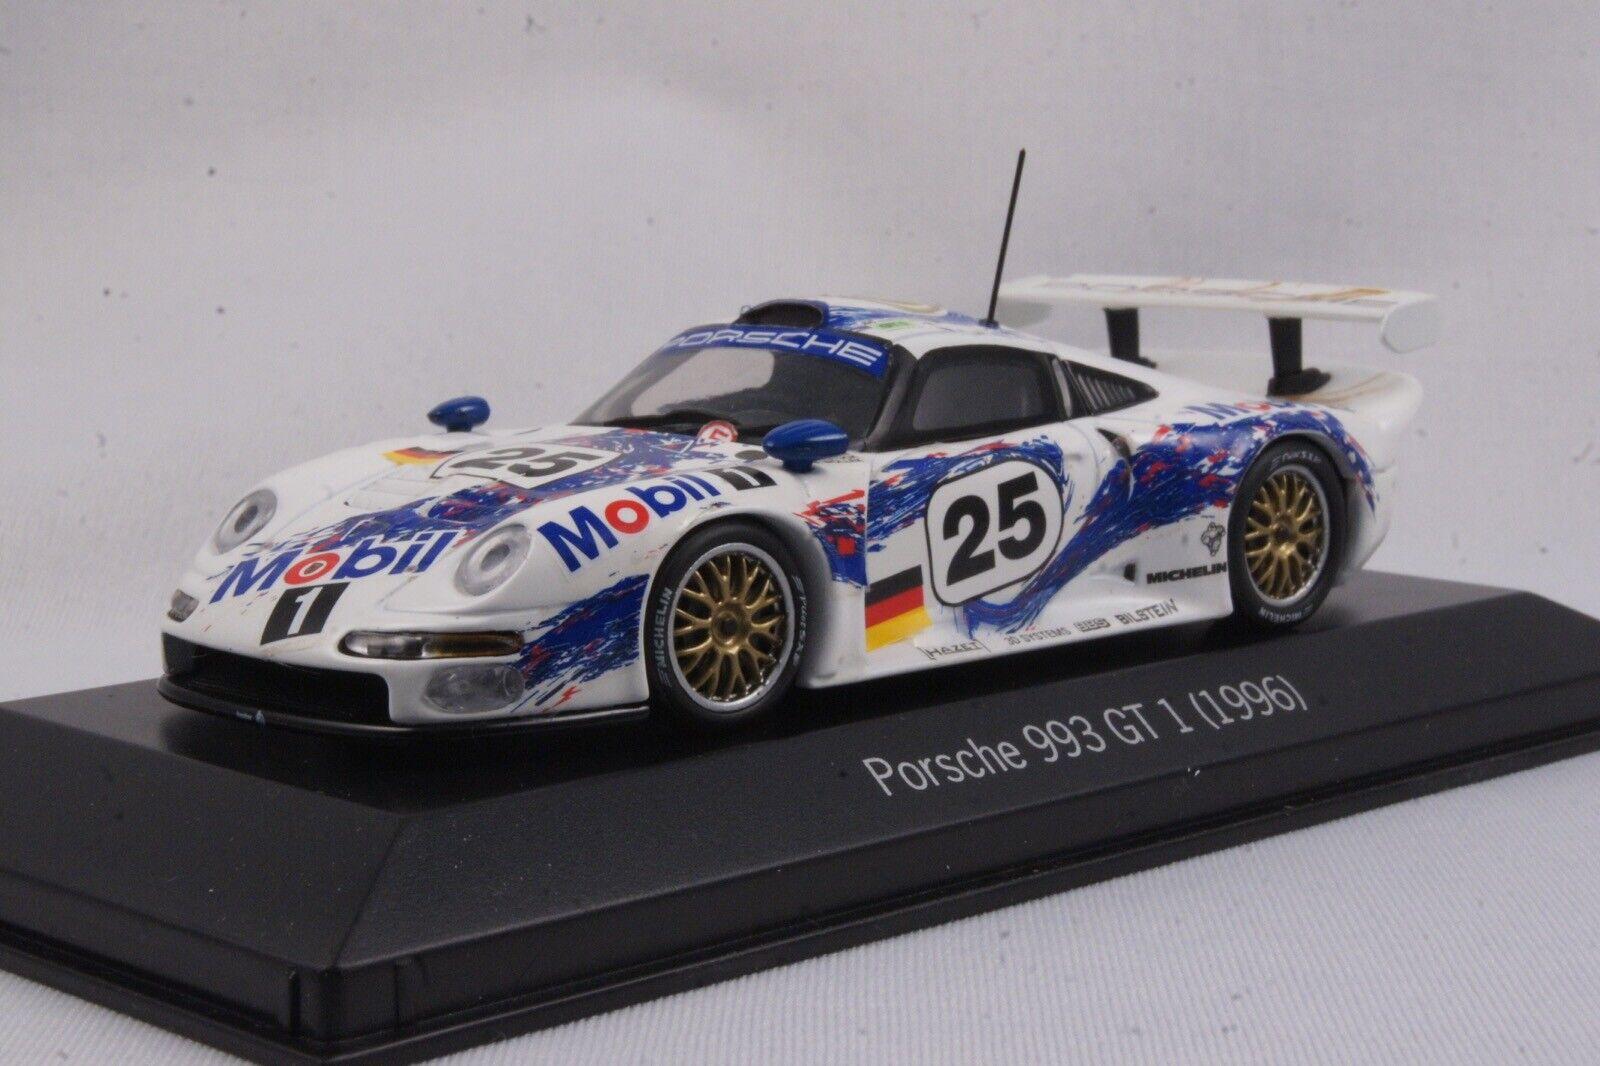 Porsche 1 43 - Porsche AG 911 (993) gt1 le mans 24h 1996 de WAP History set